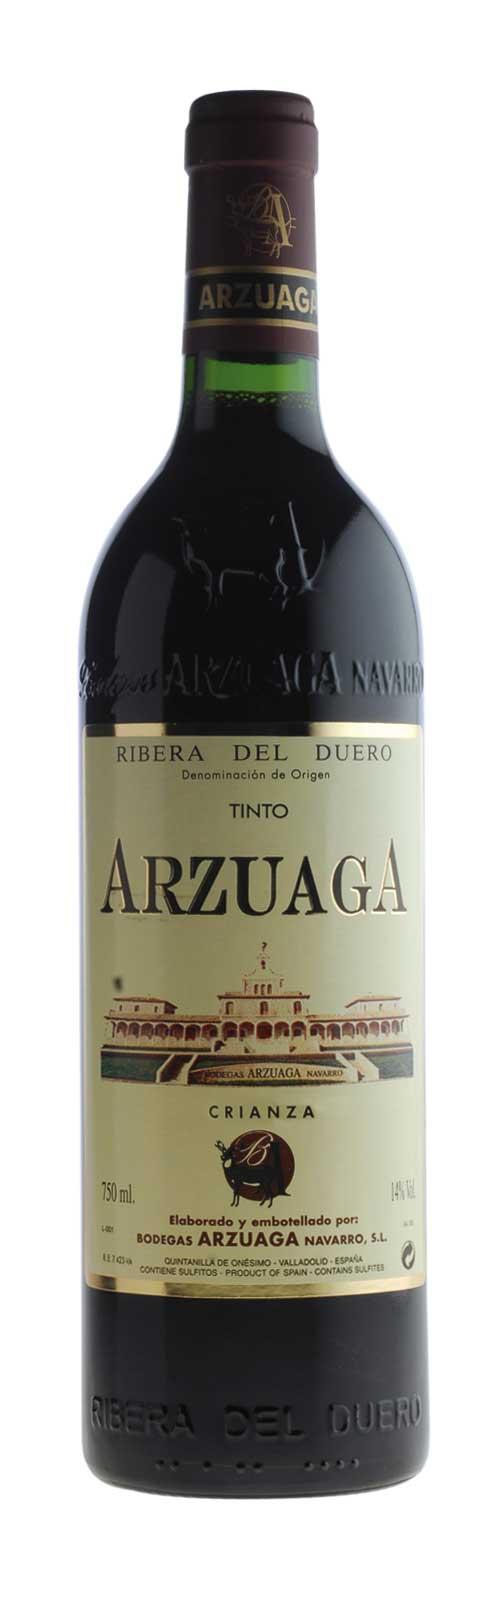 Tecnovino novedades sobre vino Gourmets 2015 Arzuaga